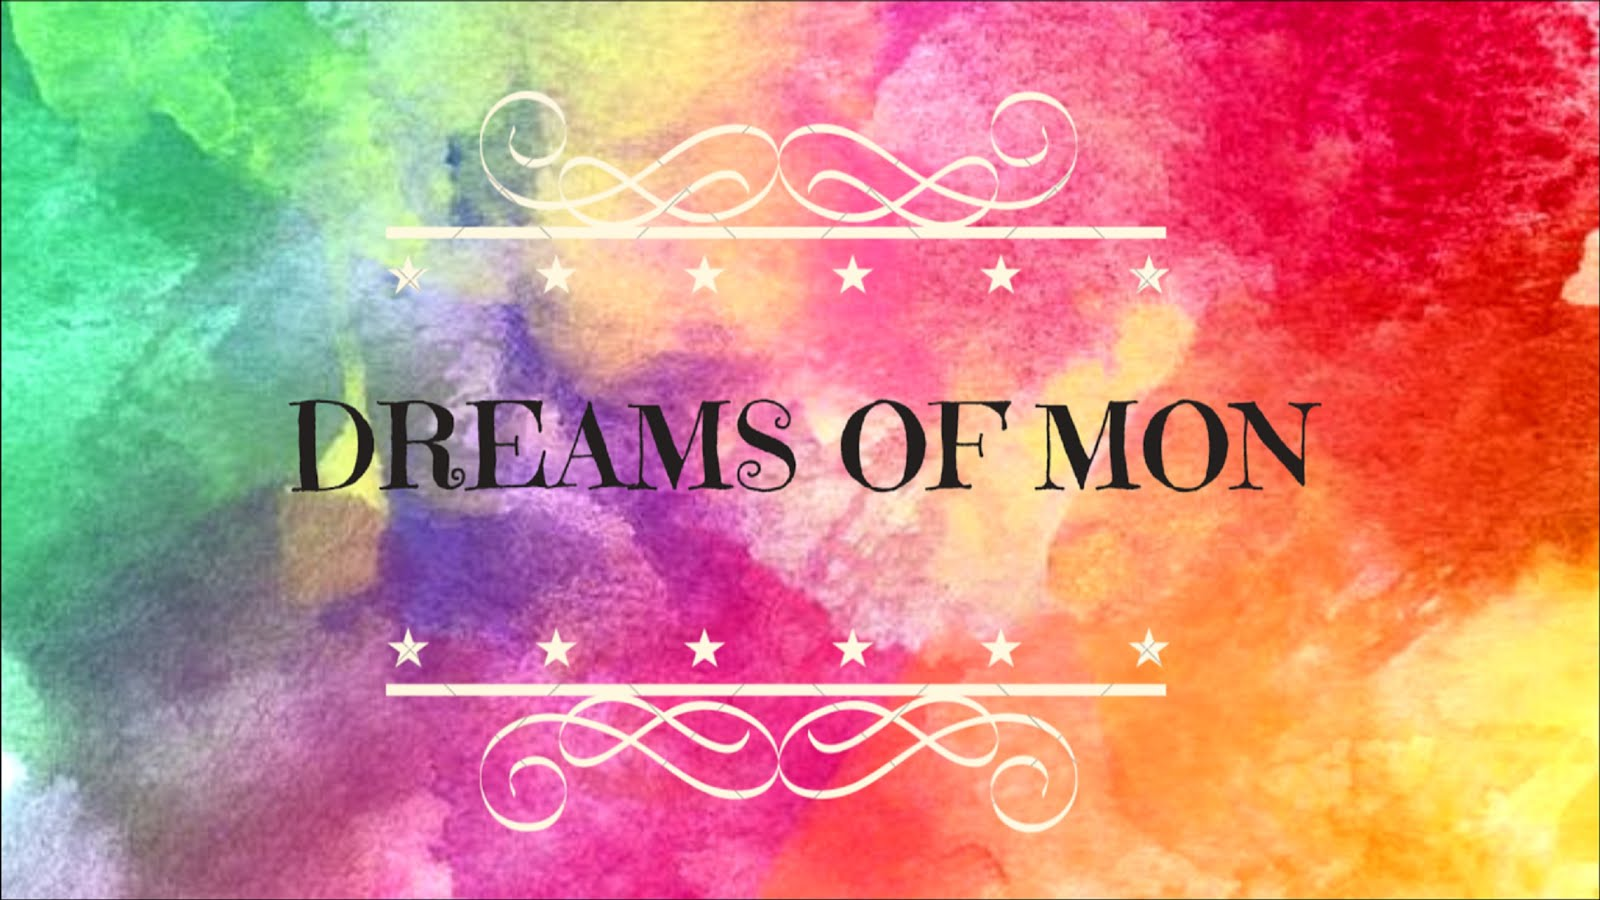 Dreams of Mon